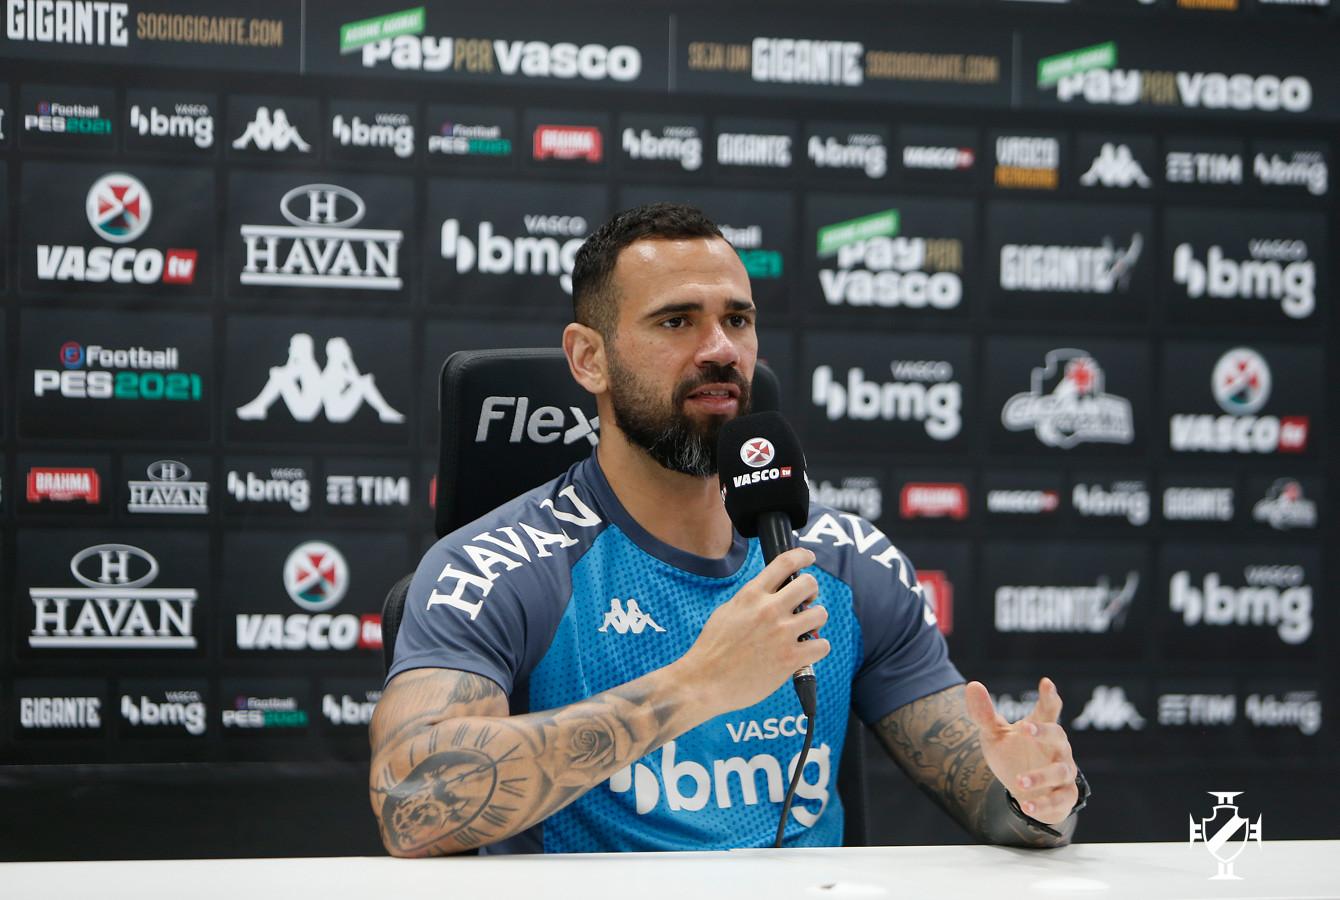 Zagueiro Leandro Castan concede entrevista coletiva CT Moacyr Barbosa